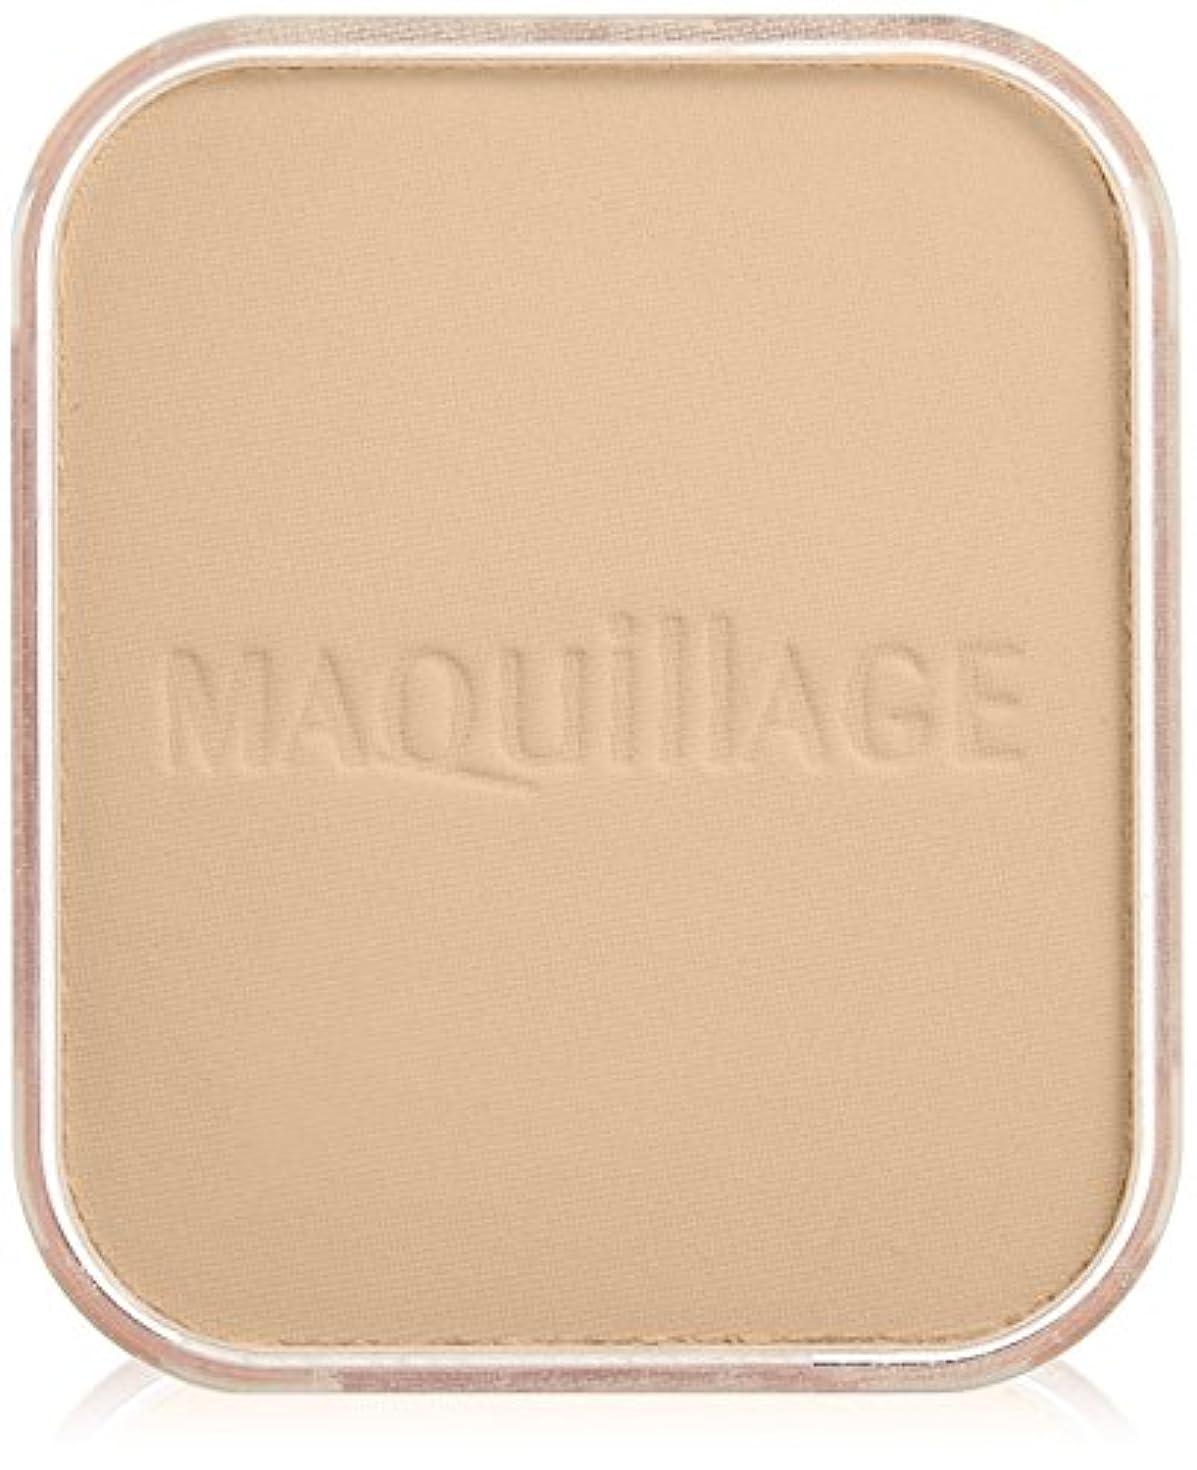 ペダルカウントリレーマキアージュ ライティング ホワイトパウダリー UV オークル10 (レフィル) (SPF25?PA++) 10g